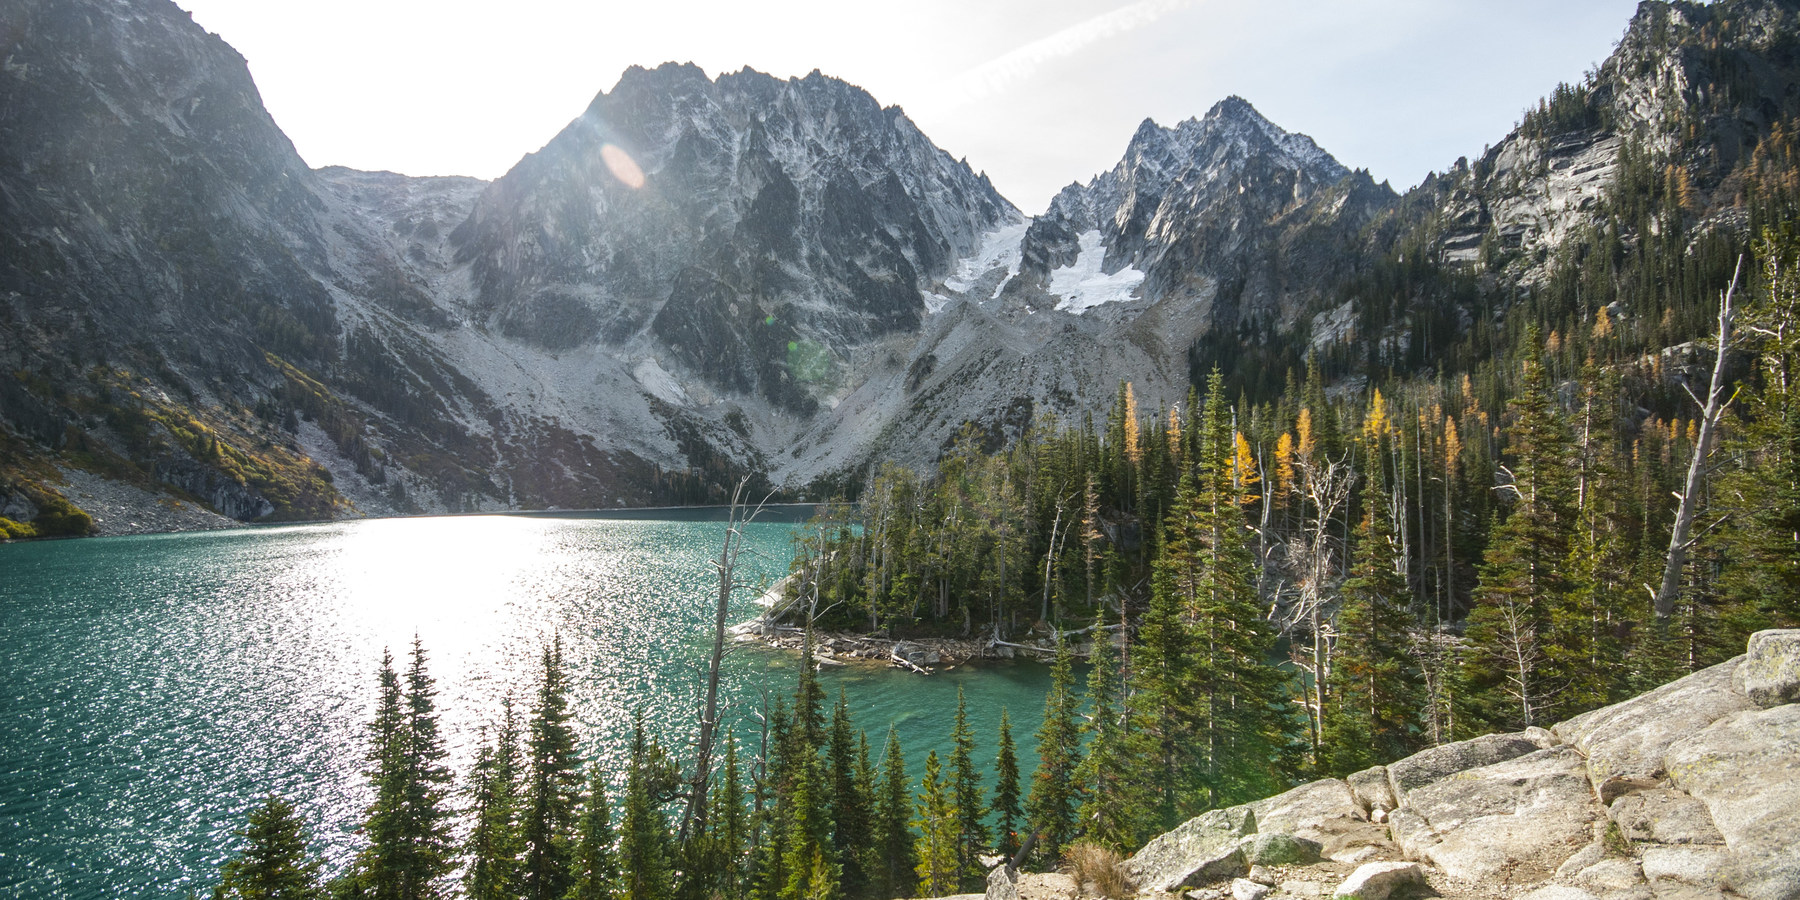 colchuck lake trail - alpine lakes wilderness